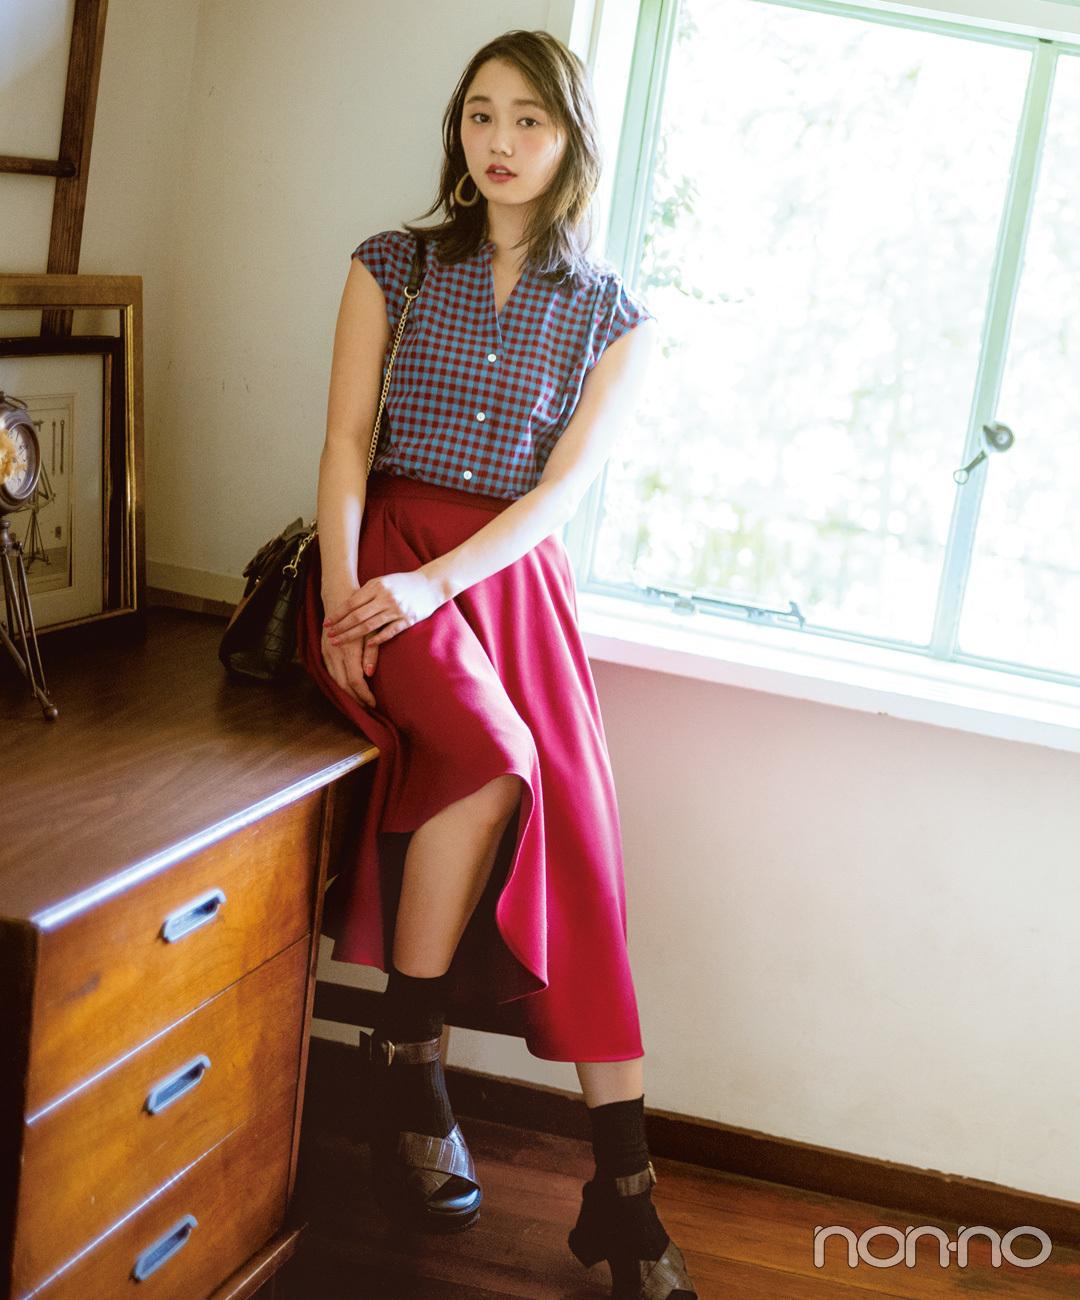 鈴木友菜が着るギンガムチェックブラウス×ピンクロングスカート秋コーデ